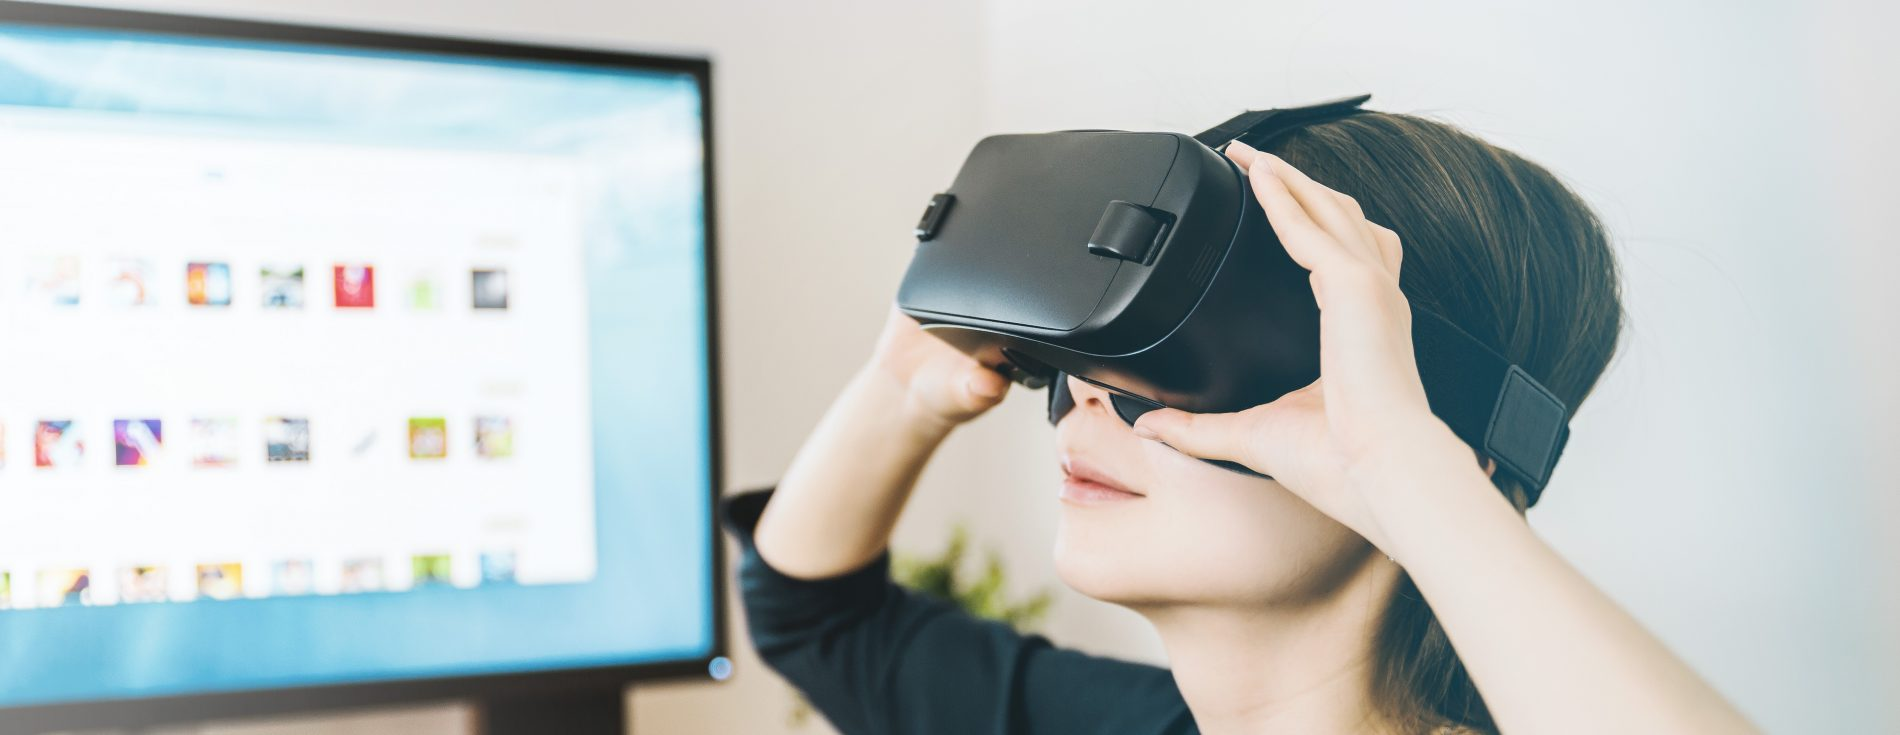 AR、VR、モーショングラフィック作成